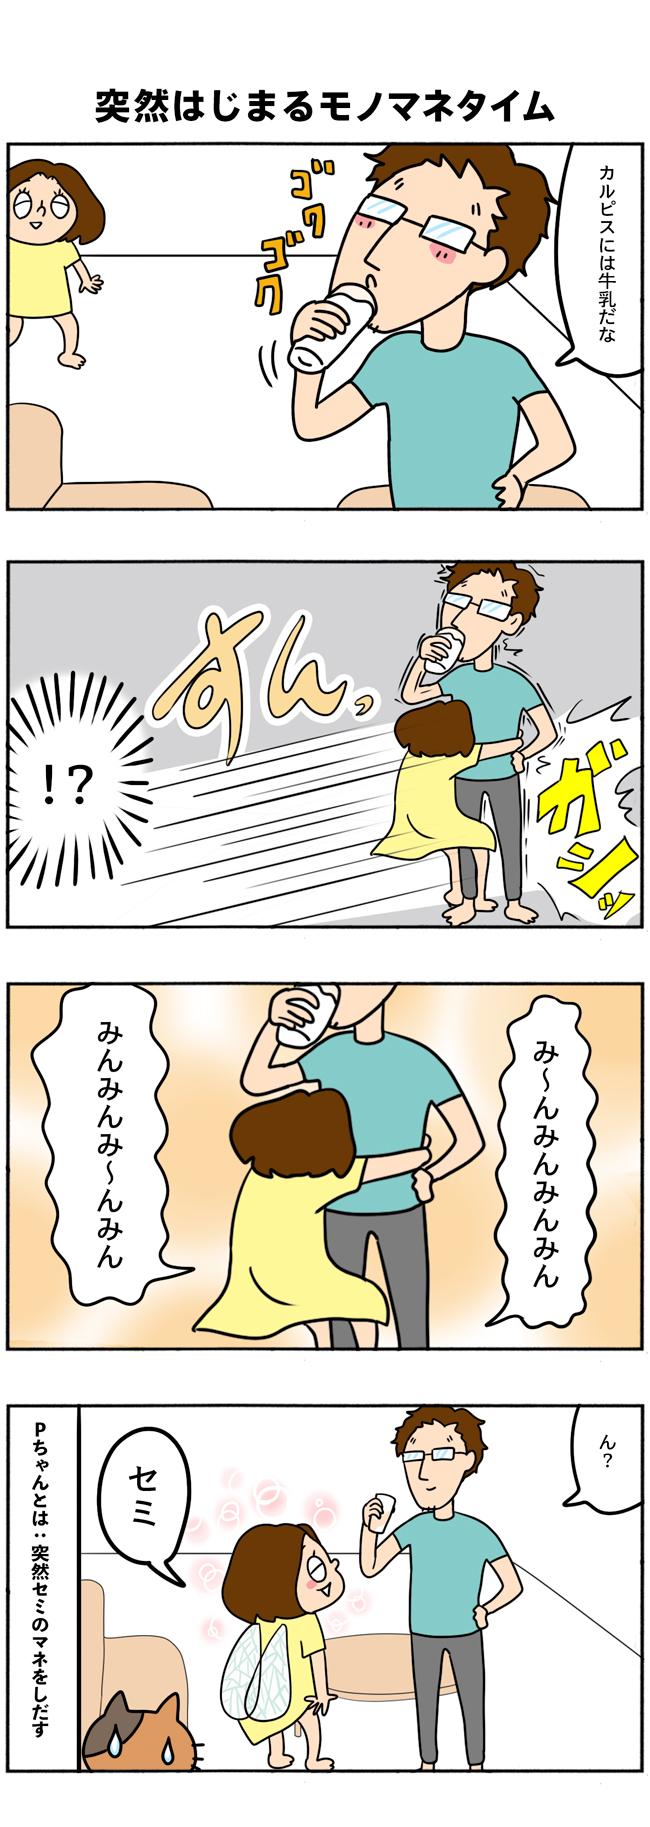 【四コマ漫画】Pちゃんの突然始まるモノマネタイム